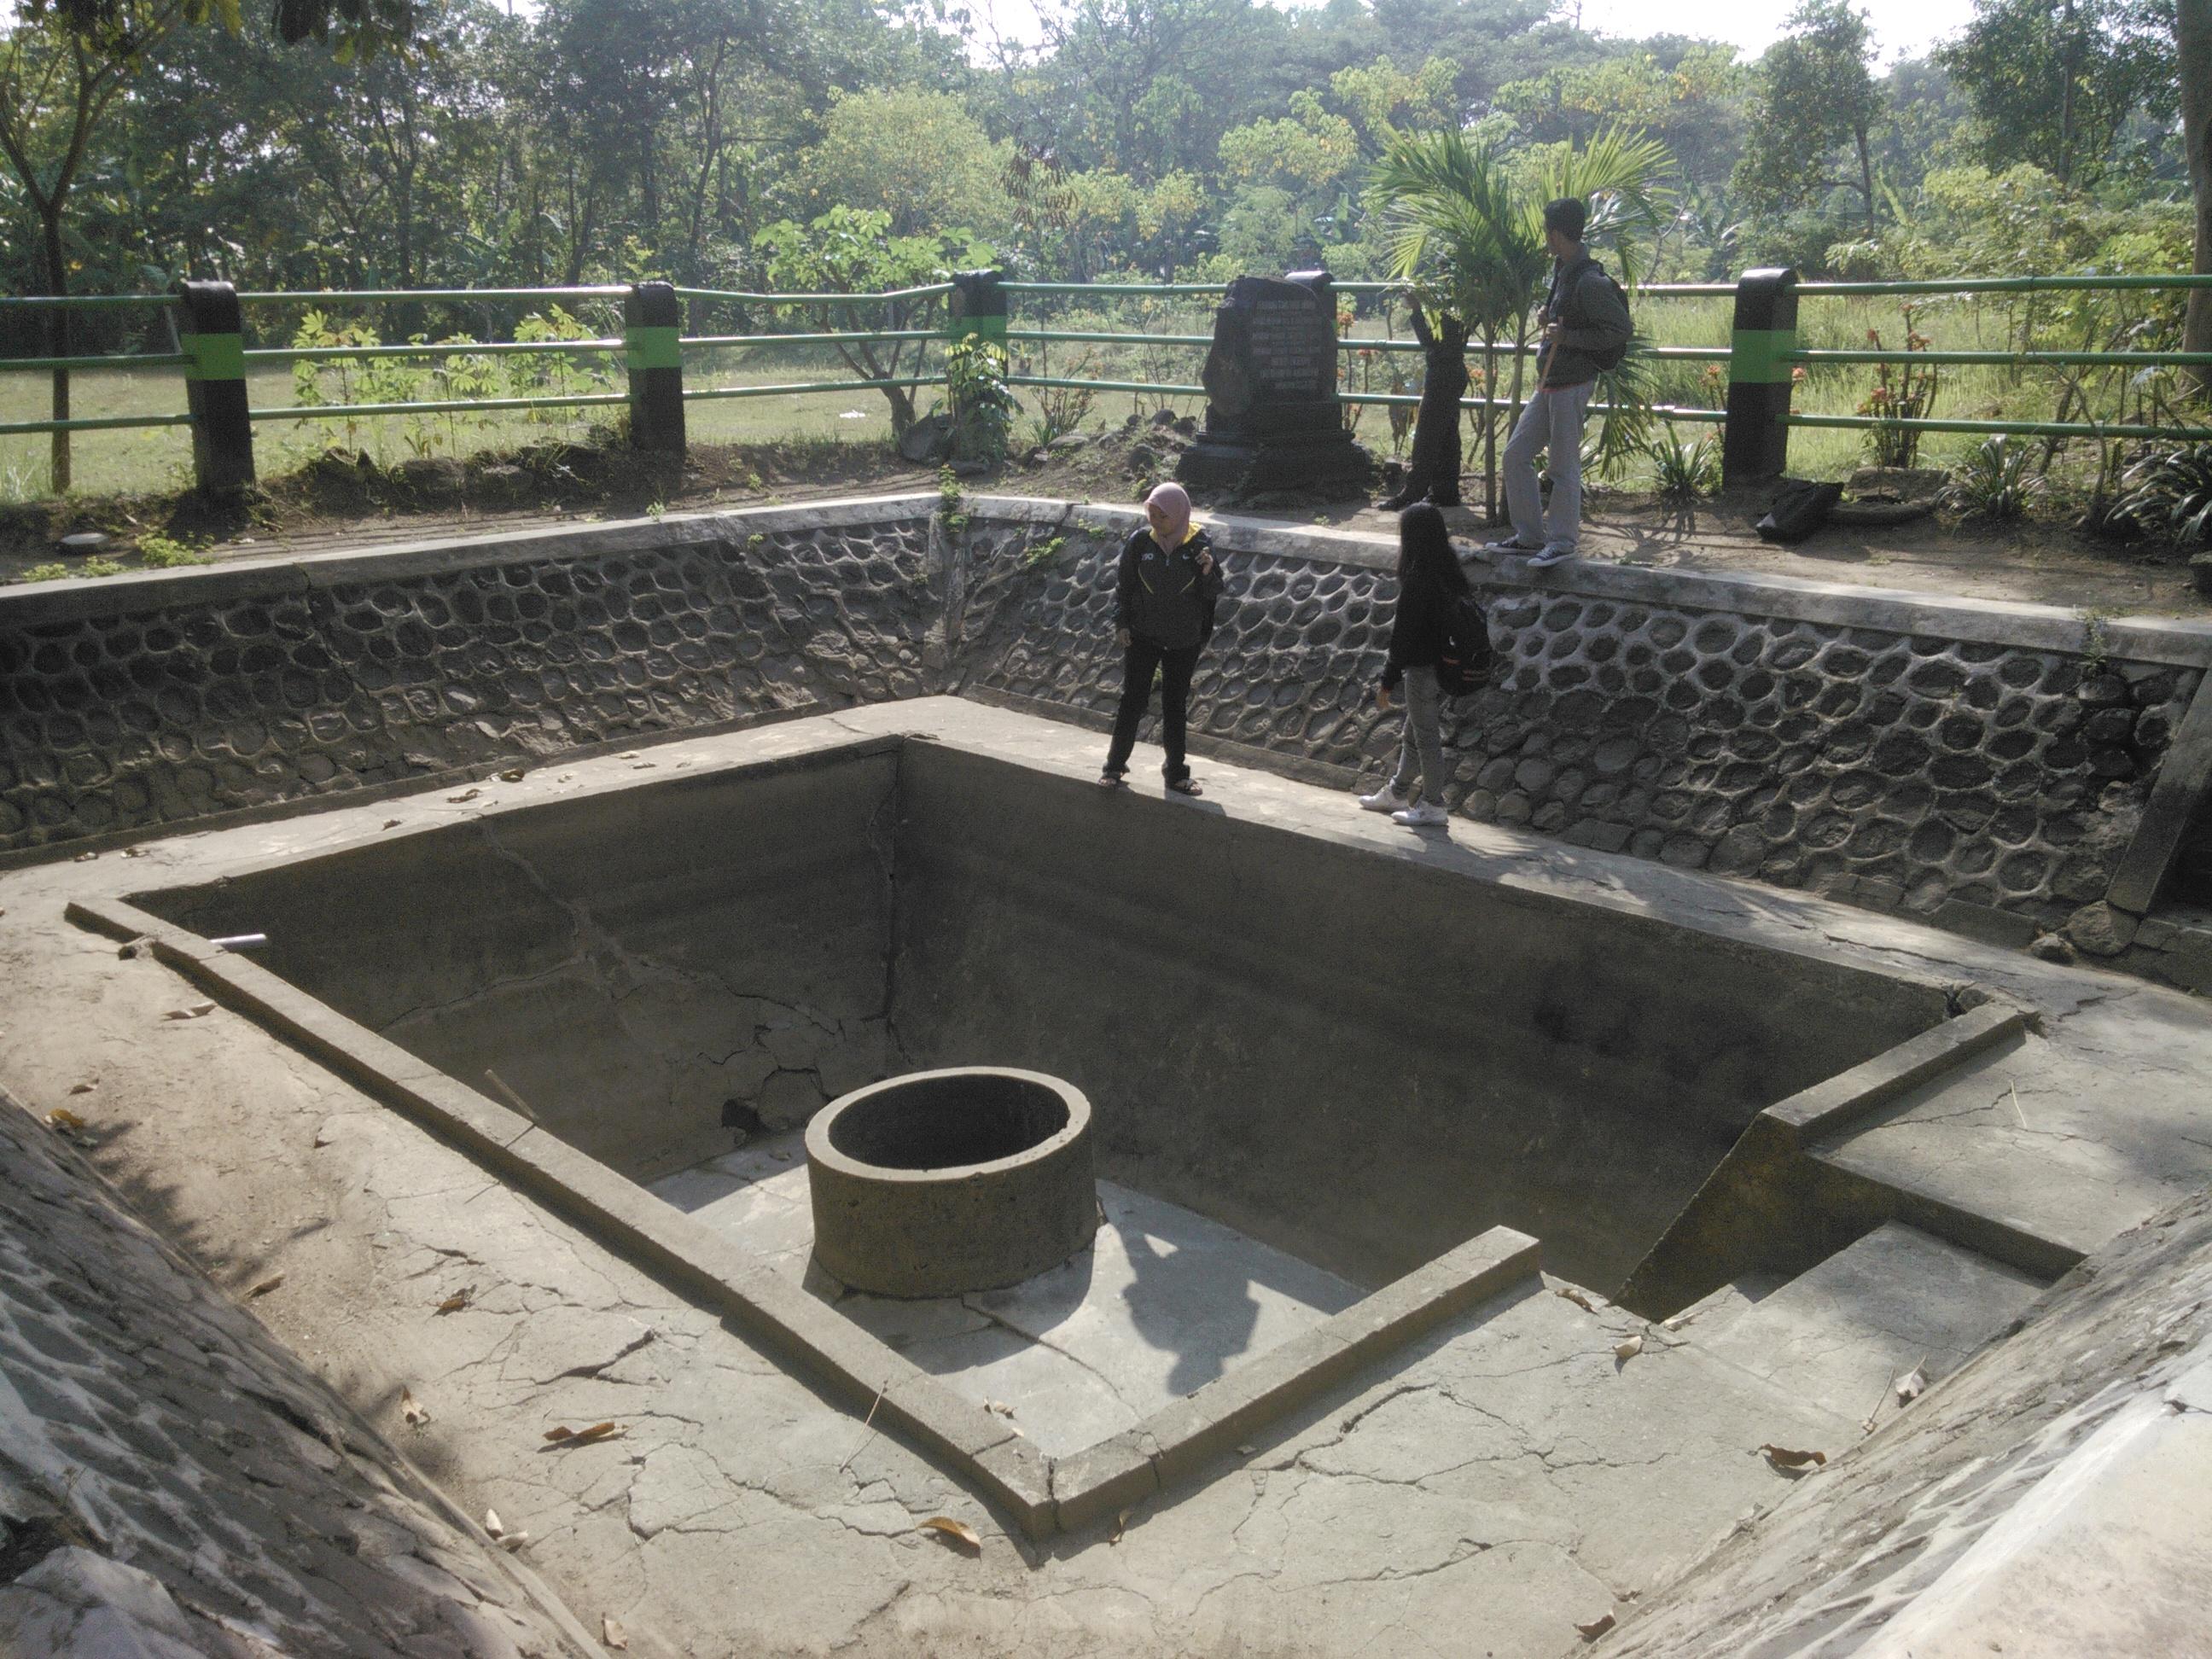 Sendhang Asal Kota Madiun Masjid Kuno Kuncen Kab